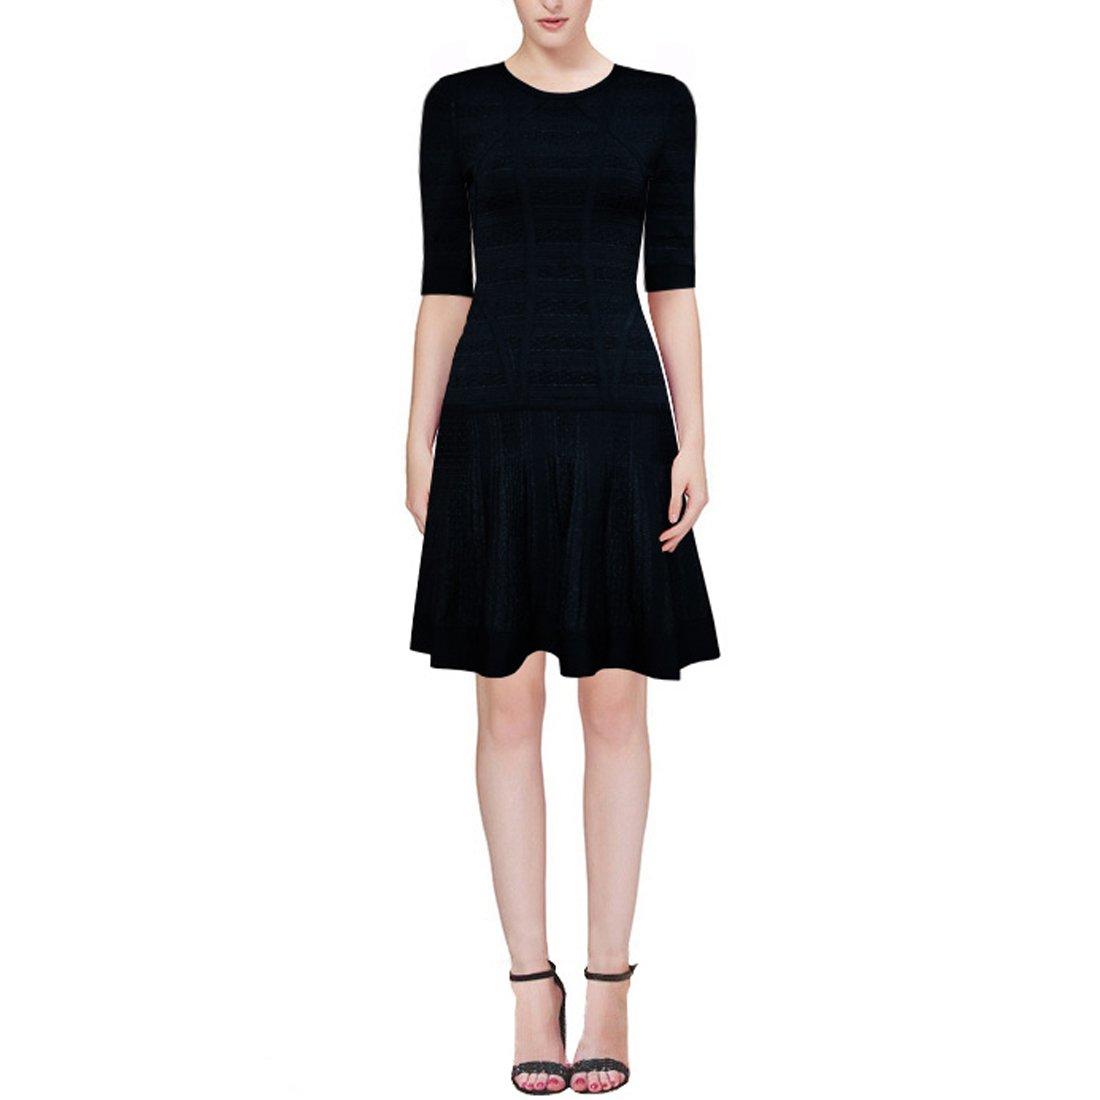 HLBCBG Damen Kleid weiß schwarz XS